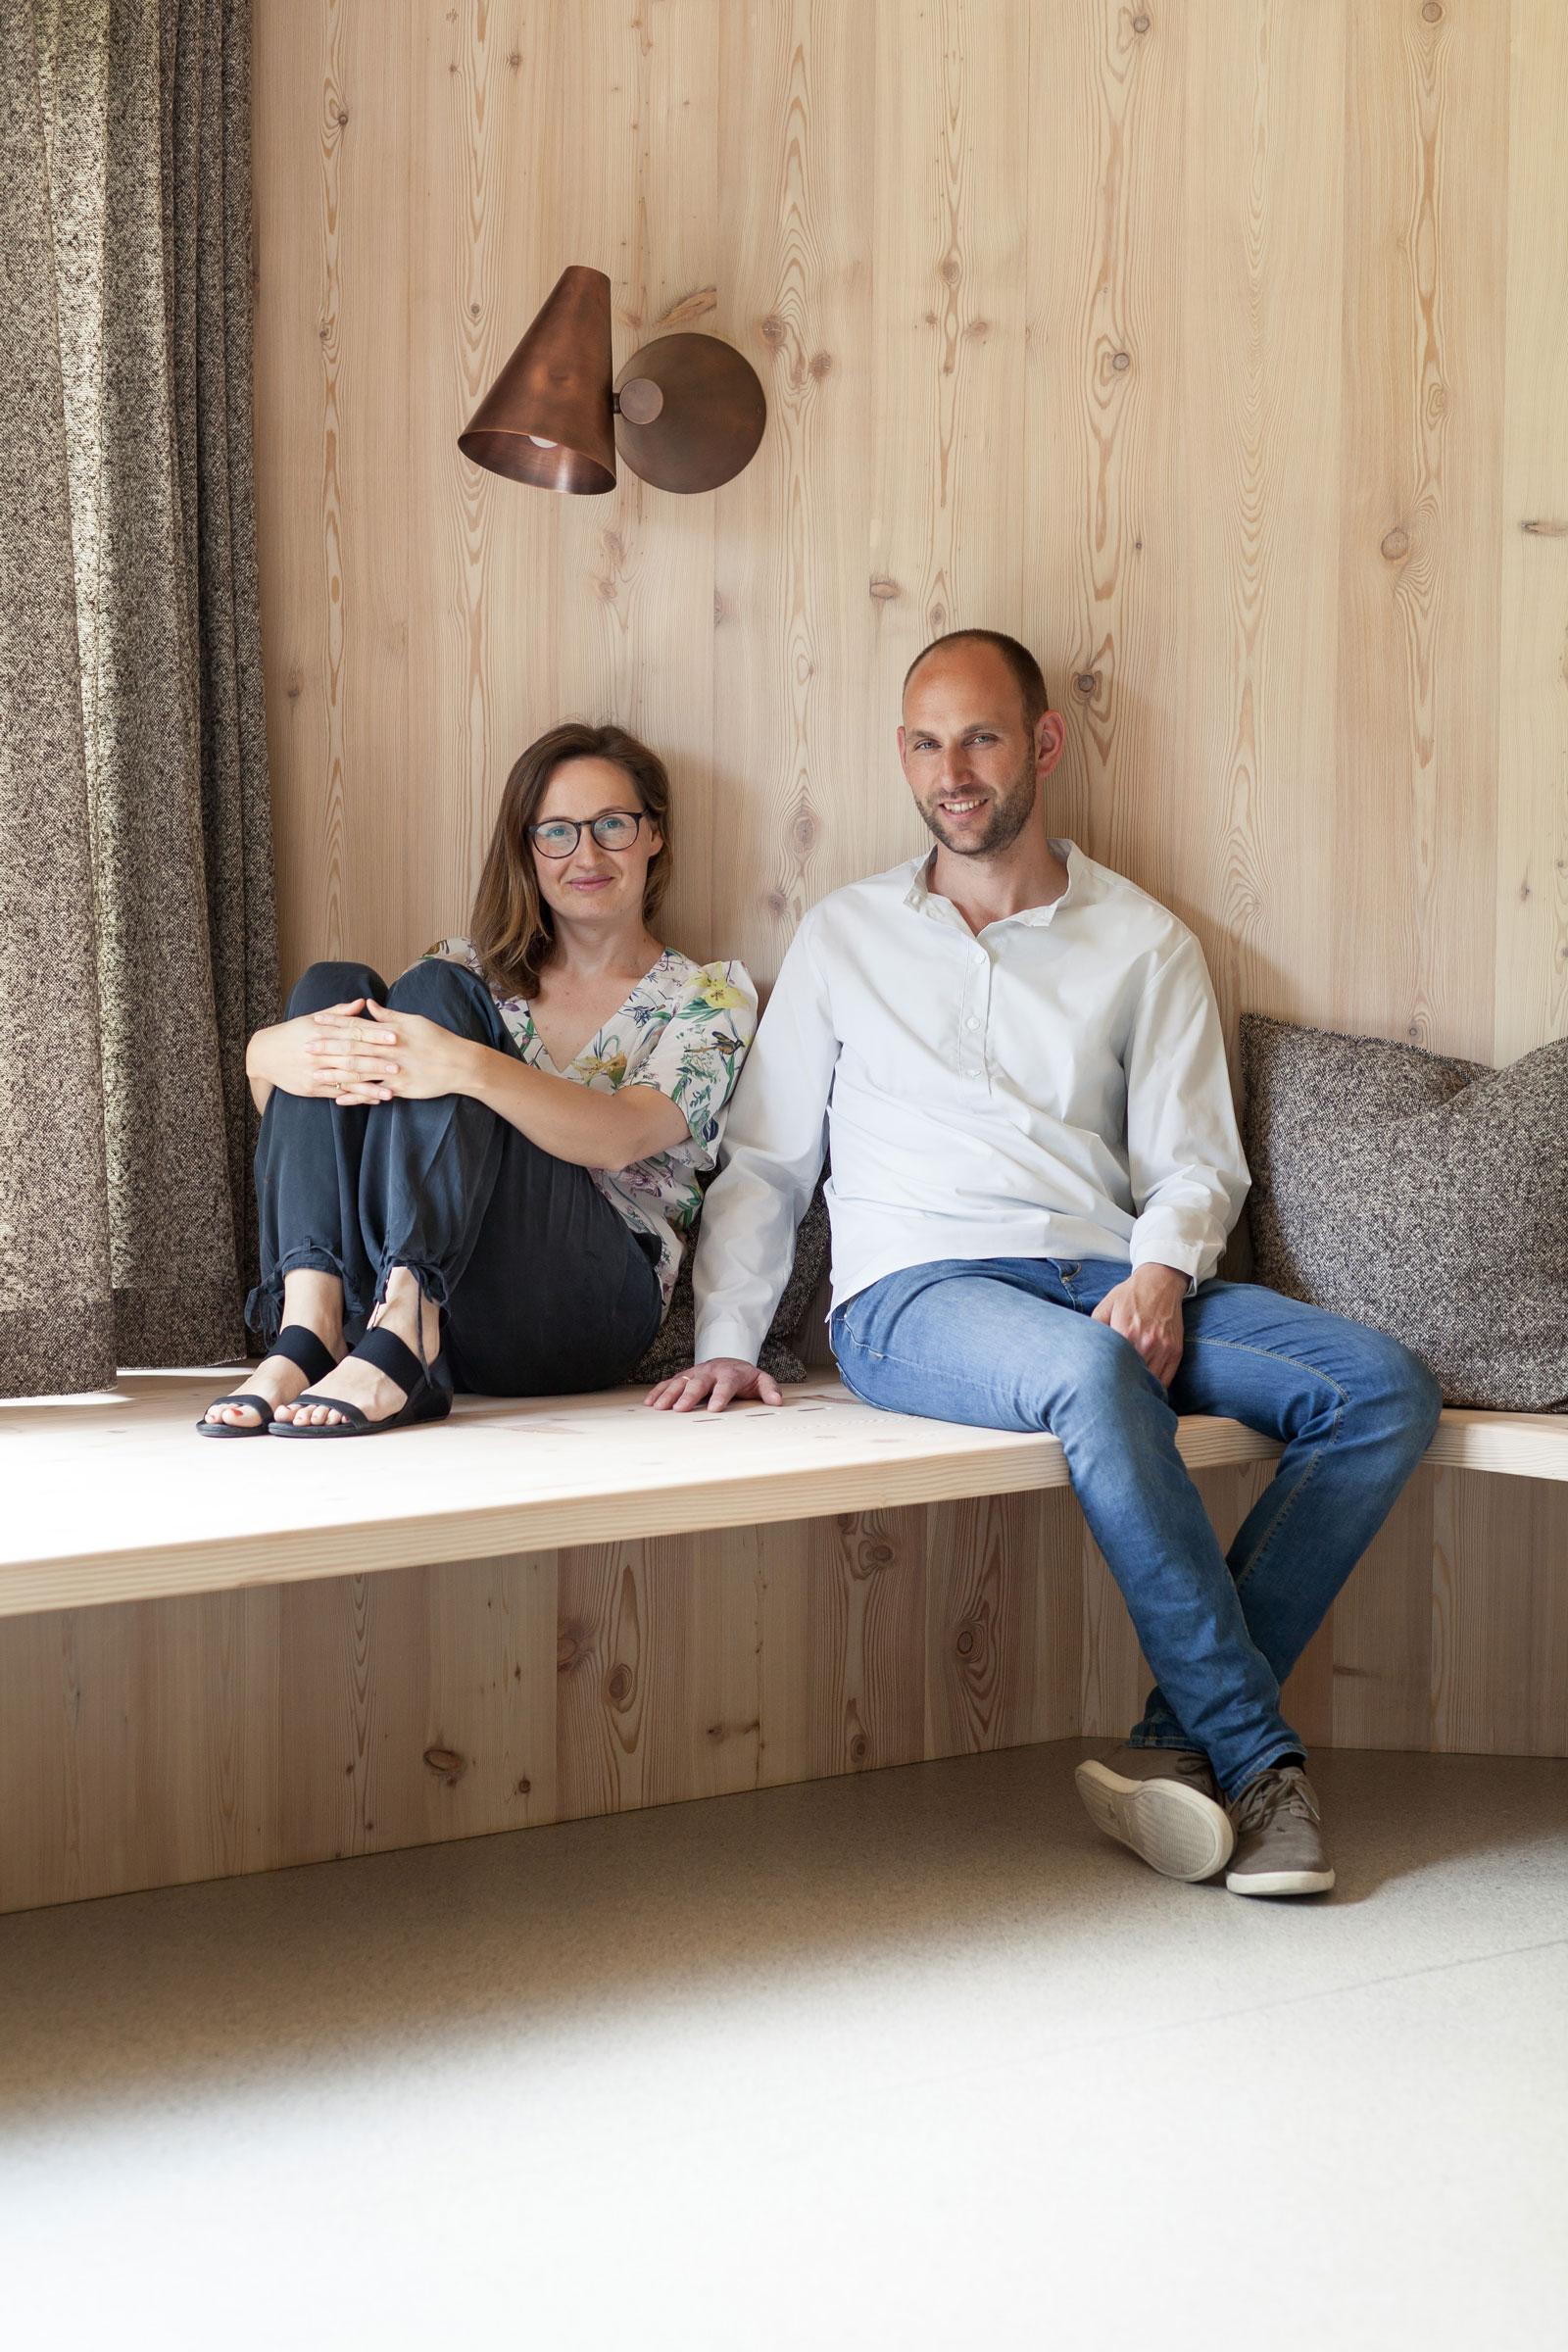 Bühelwirt - Hotel im Ahrntal - Wellness, Wandern & mehr